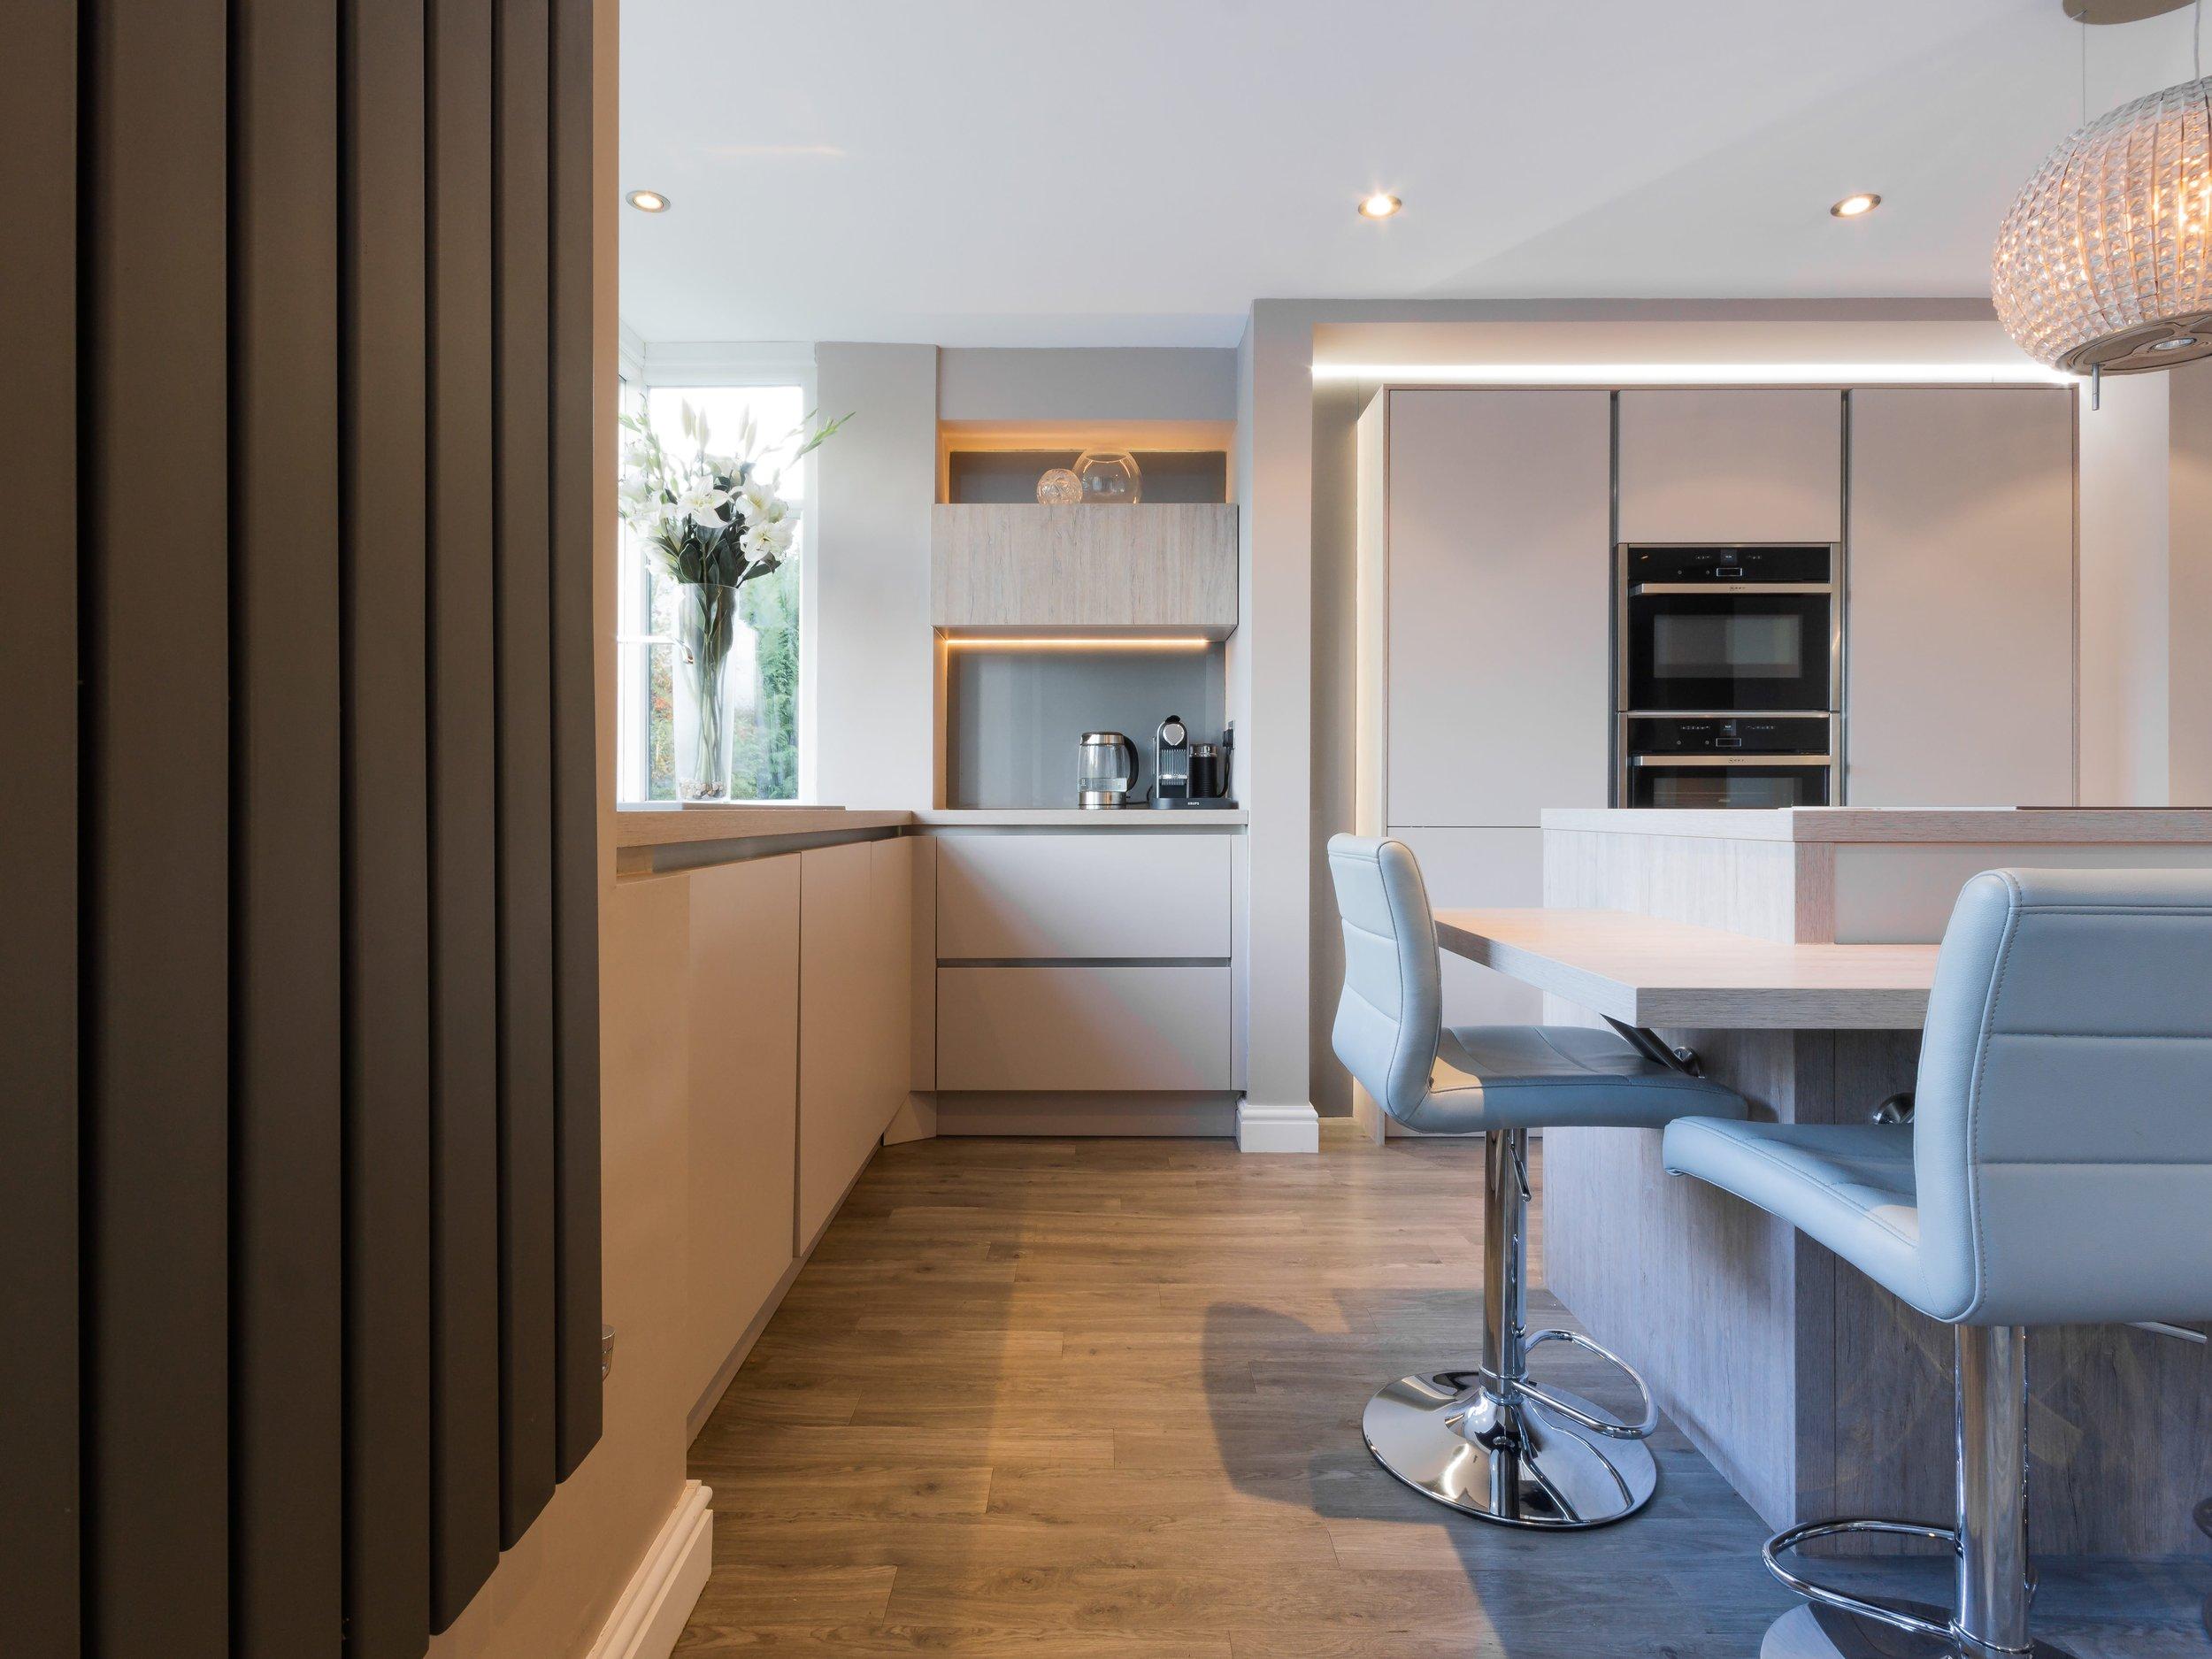 Adams-Kitchen-Webbs-Kendal-2.jpg